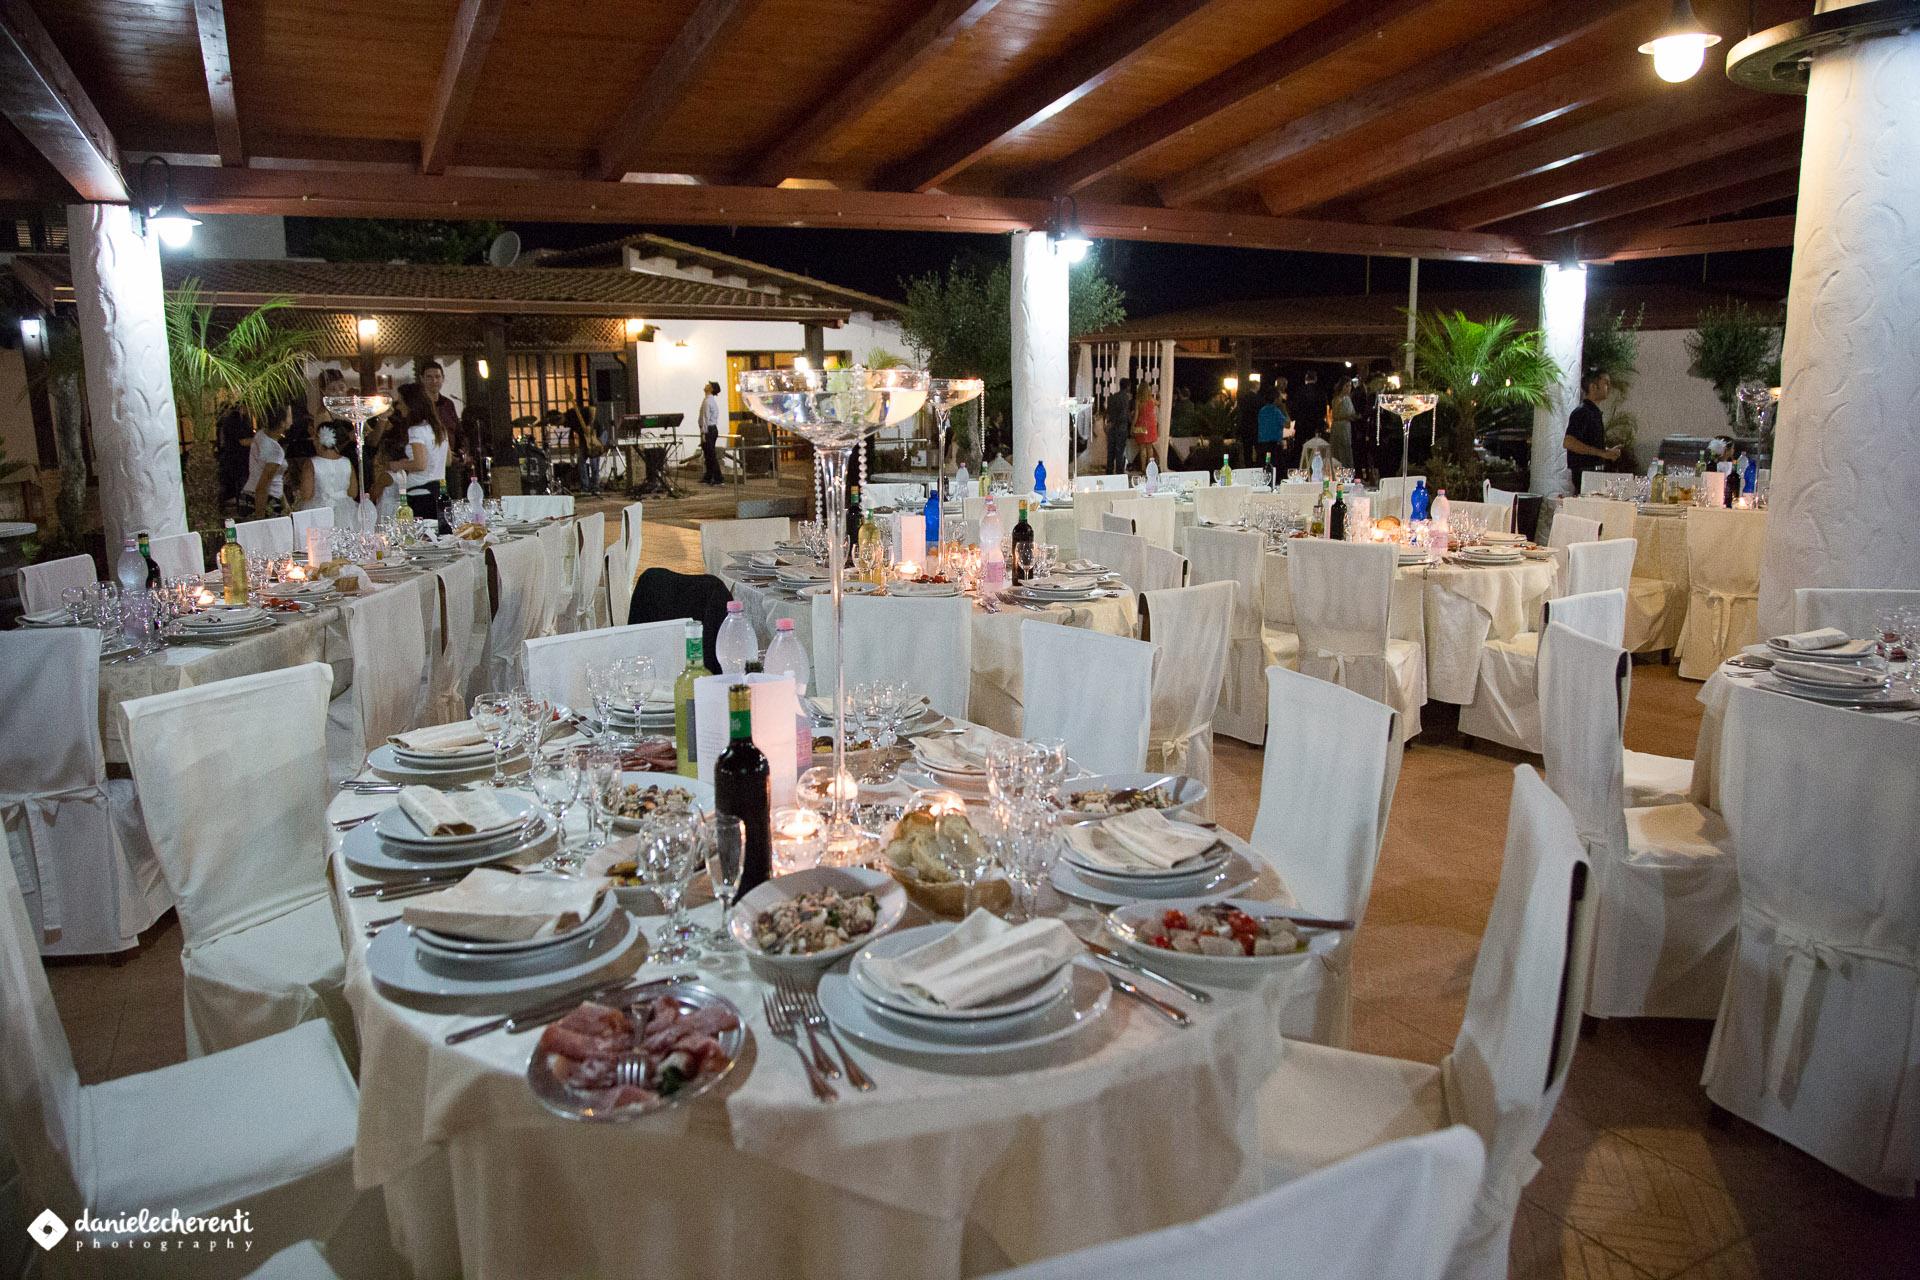 Sale ricevimenti per matrimoni a Carbonia - Ristorante Tanit - Ristorante a Caqrbonia dal 1981 - 7